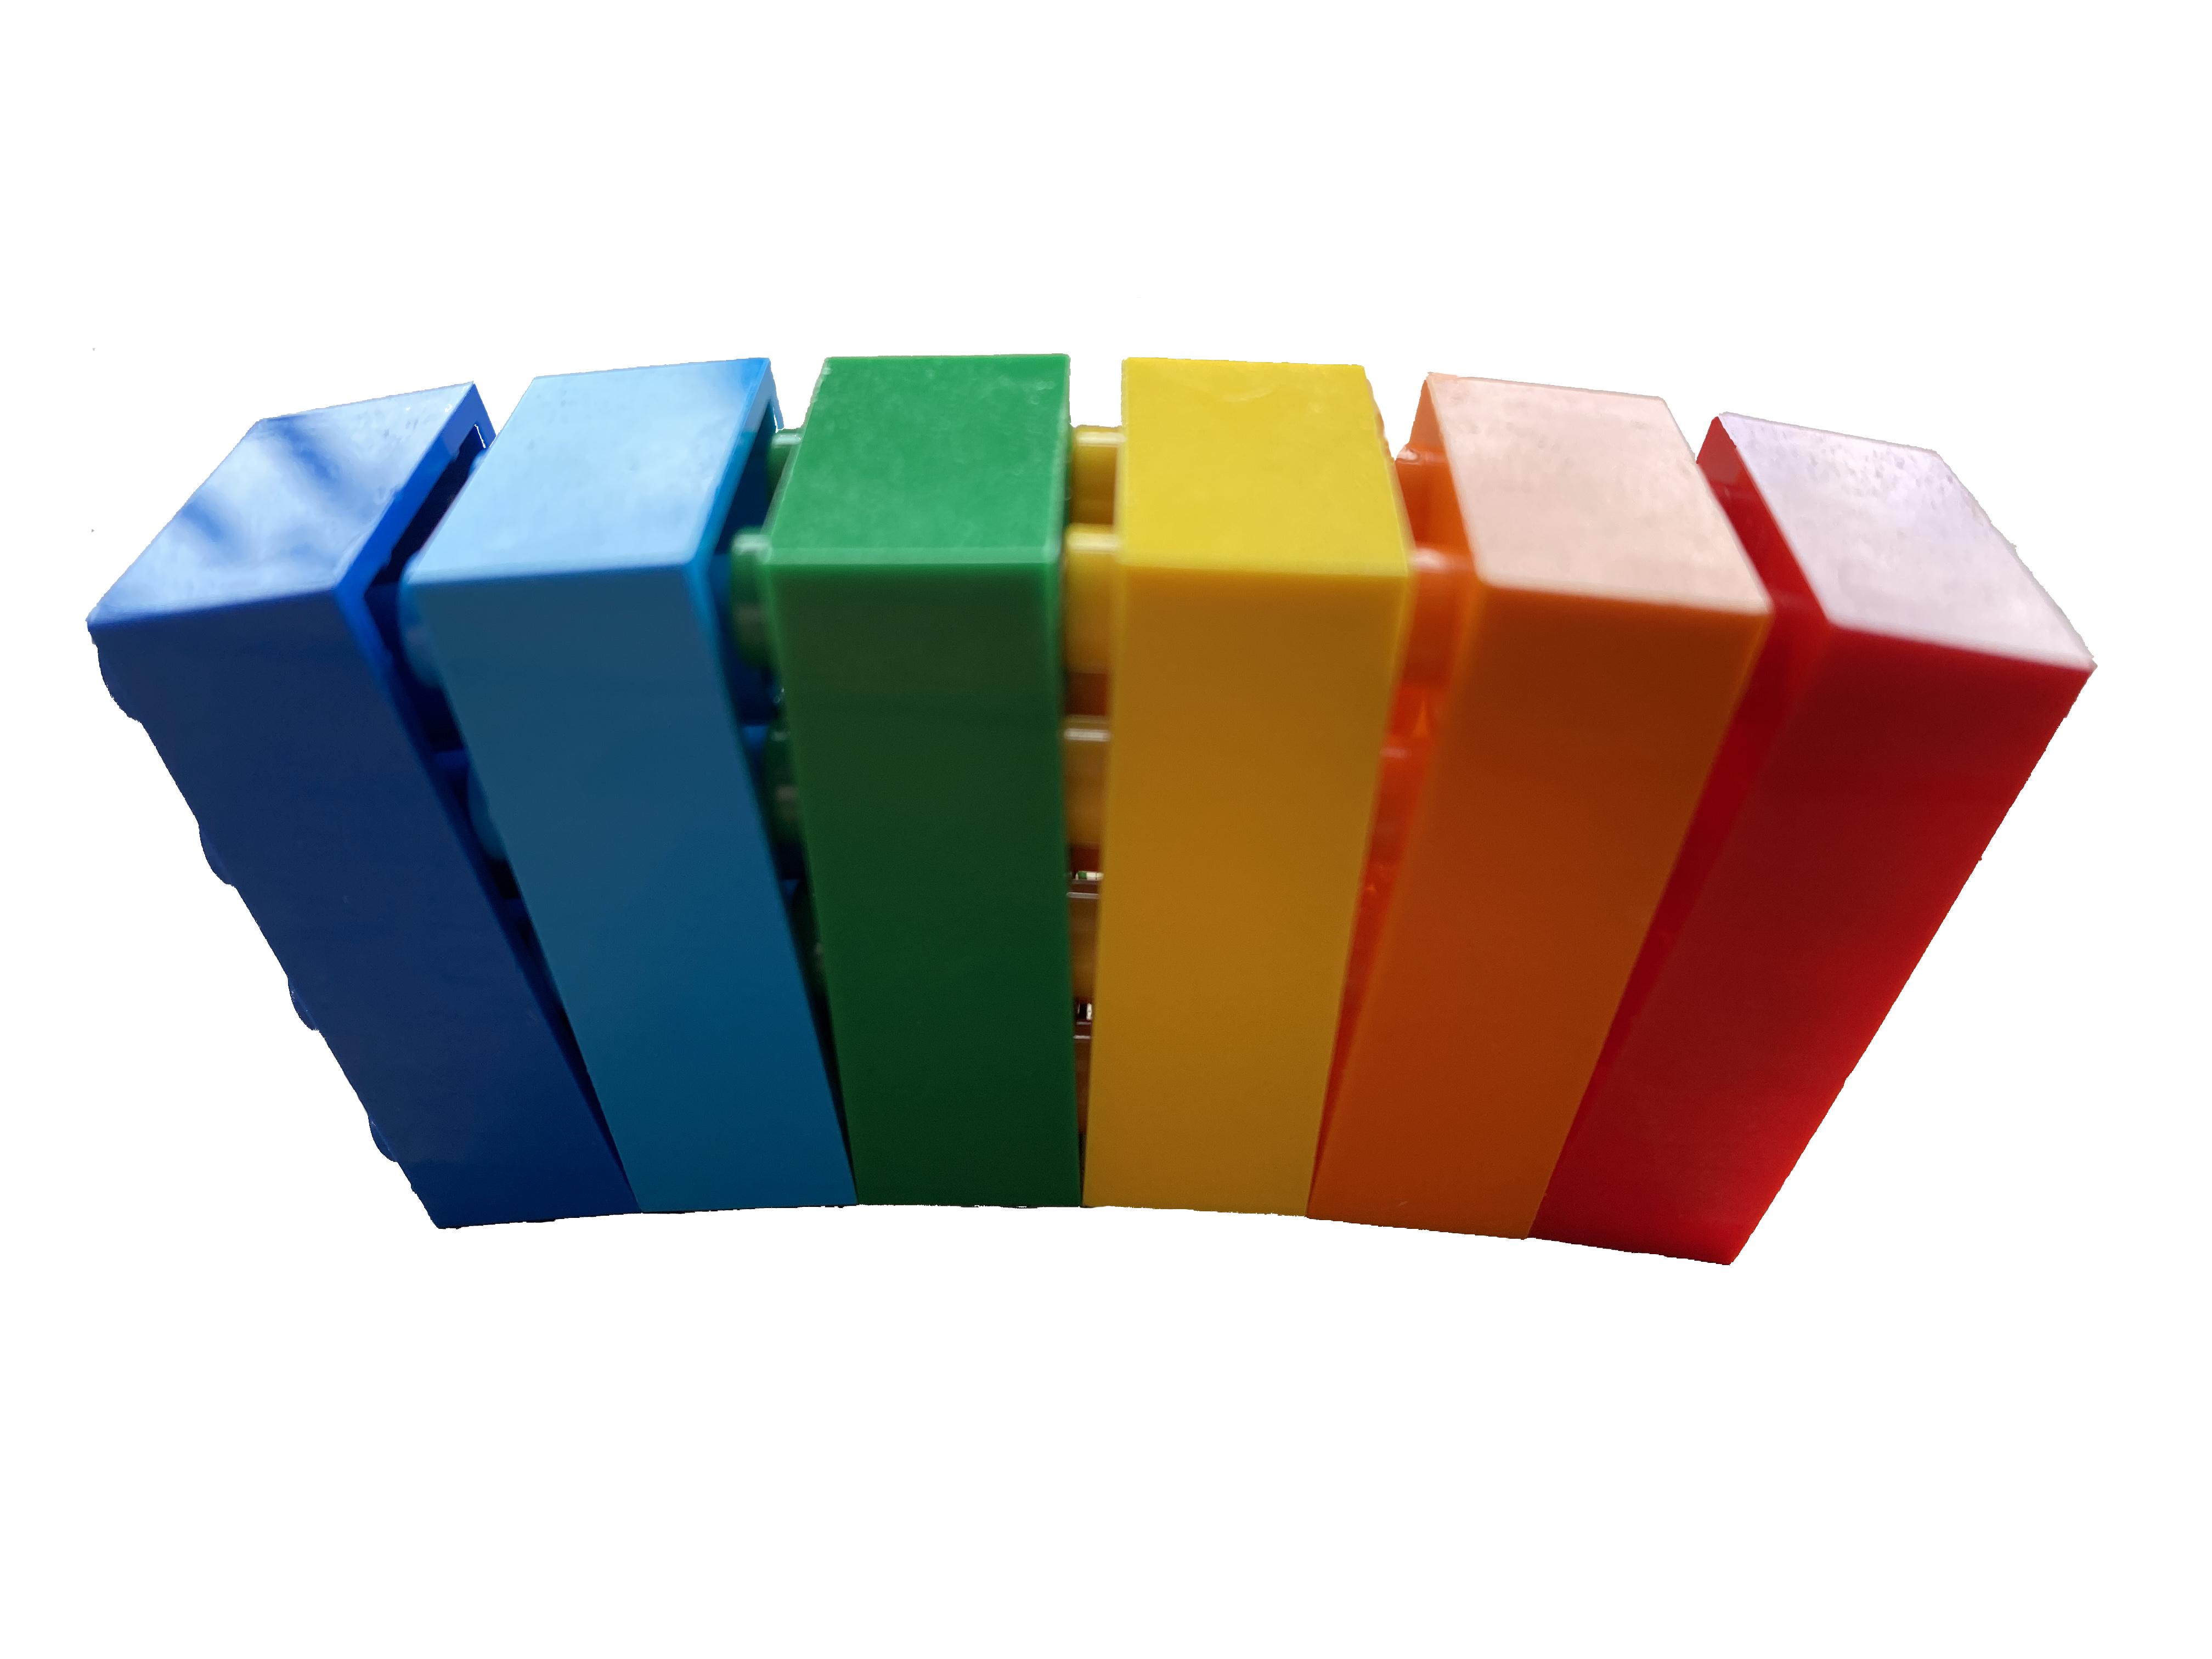 6 Bricks